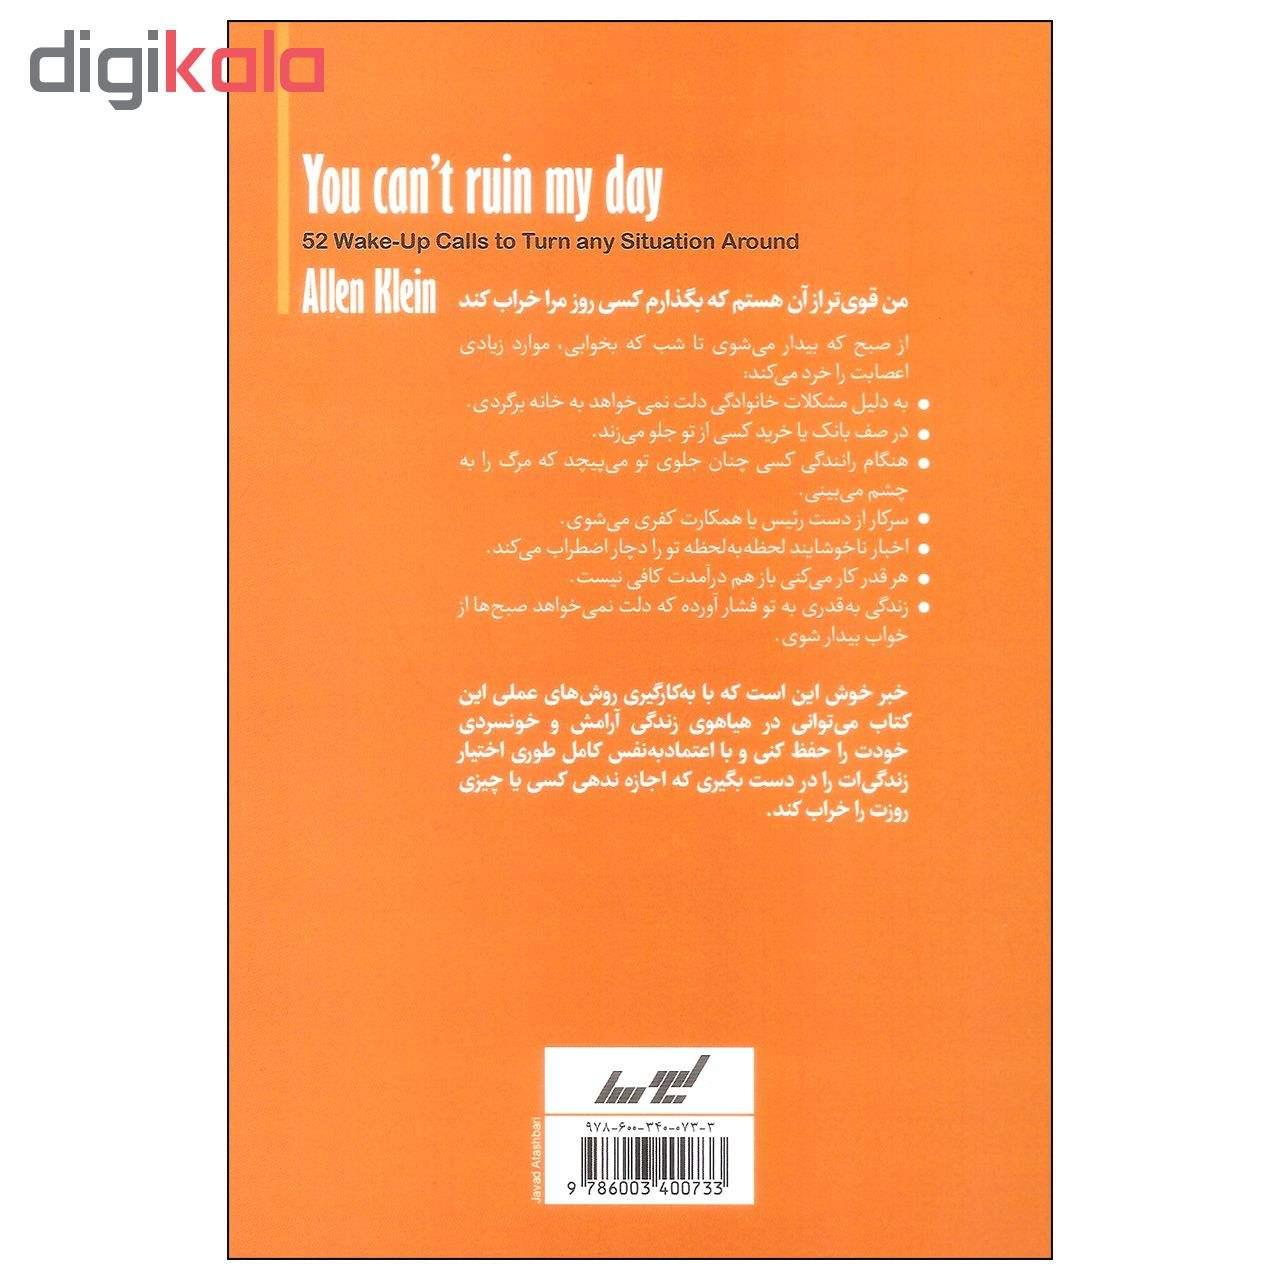 کتاب تو نمی توانی روزم را خراب کنی اثر آلن کلاین انتشارات لیوسا main 1 2